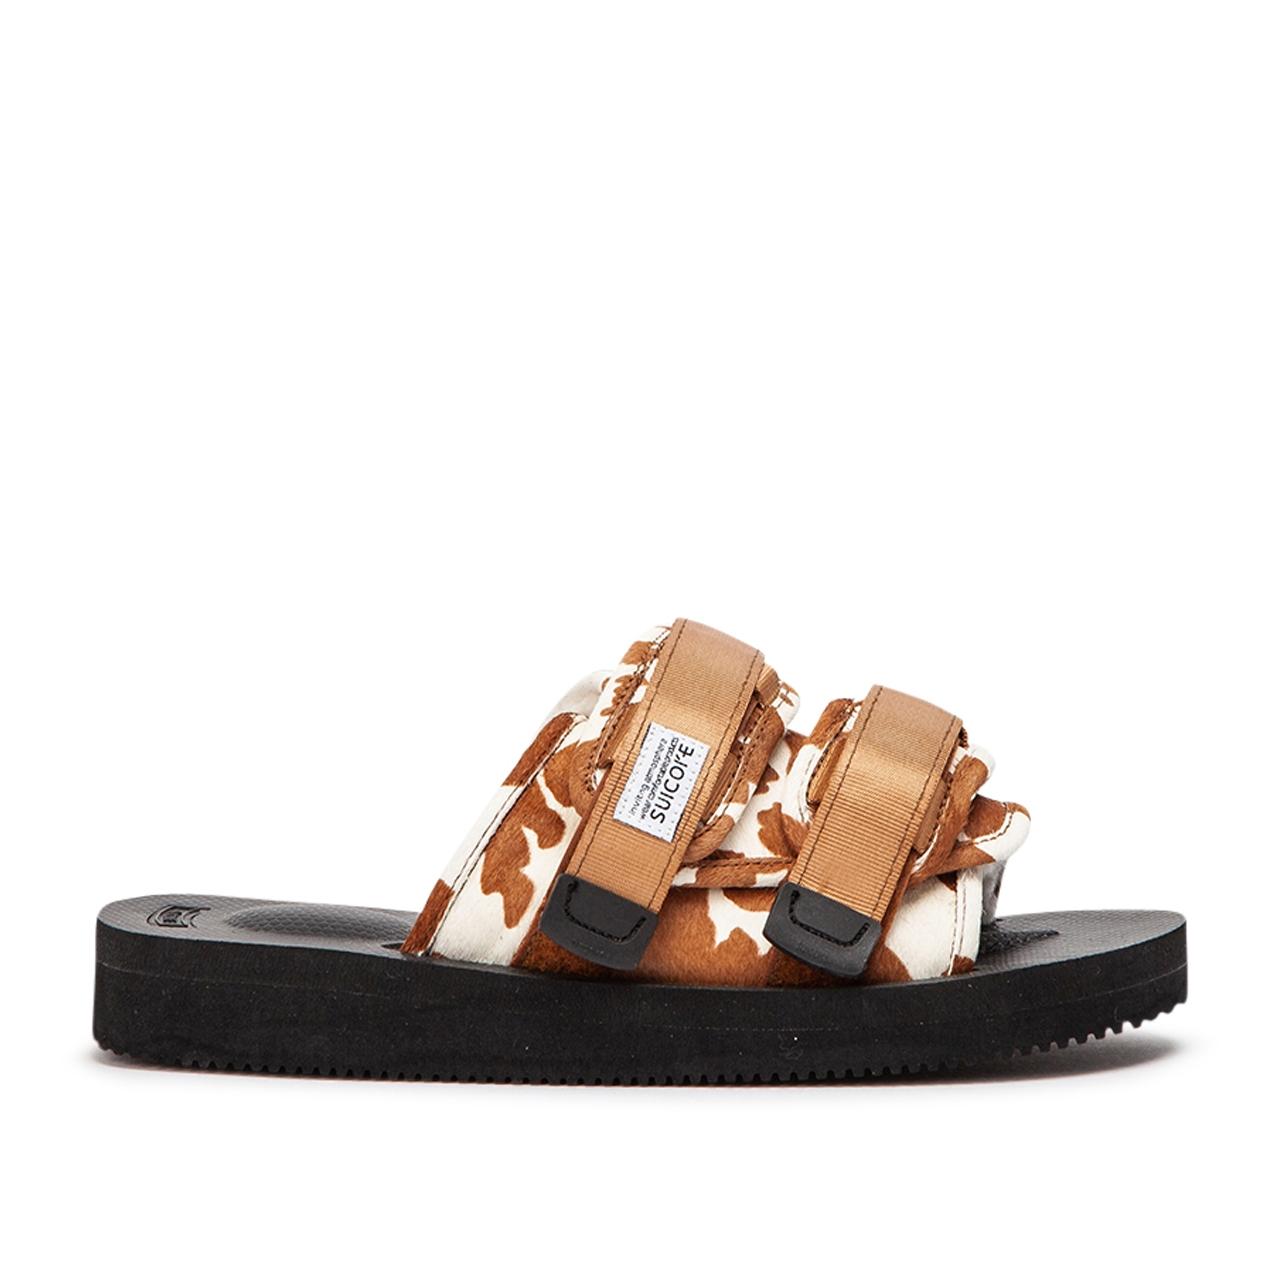 Suicoke Sandals Moto-VHL (Kuh) - OG-056VHL-MOTO-VHL-006